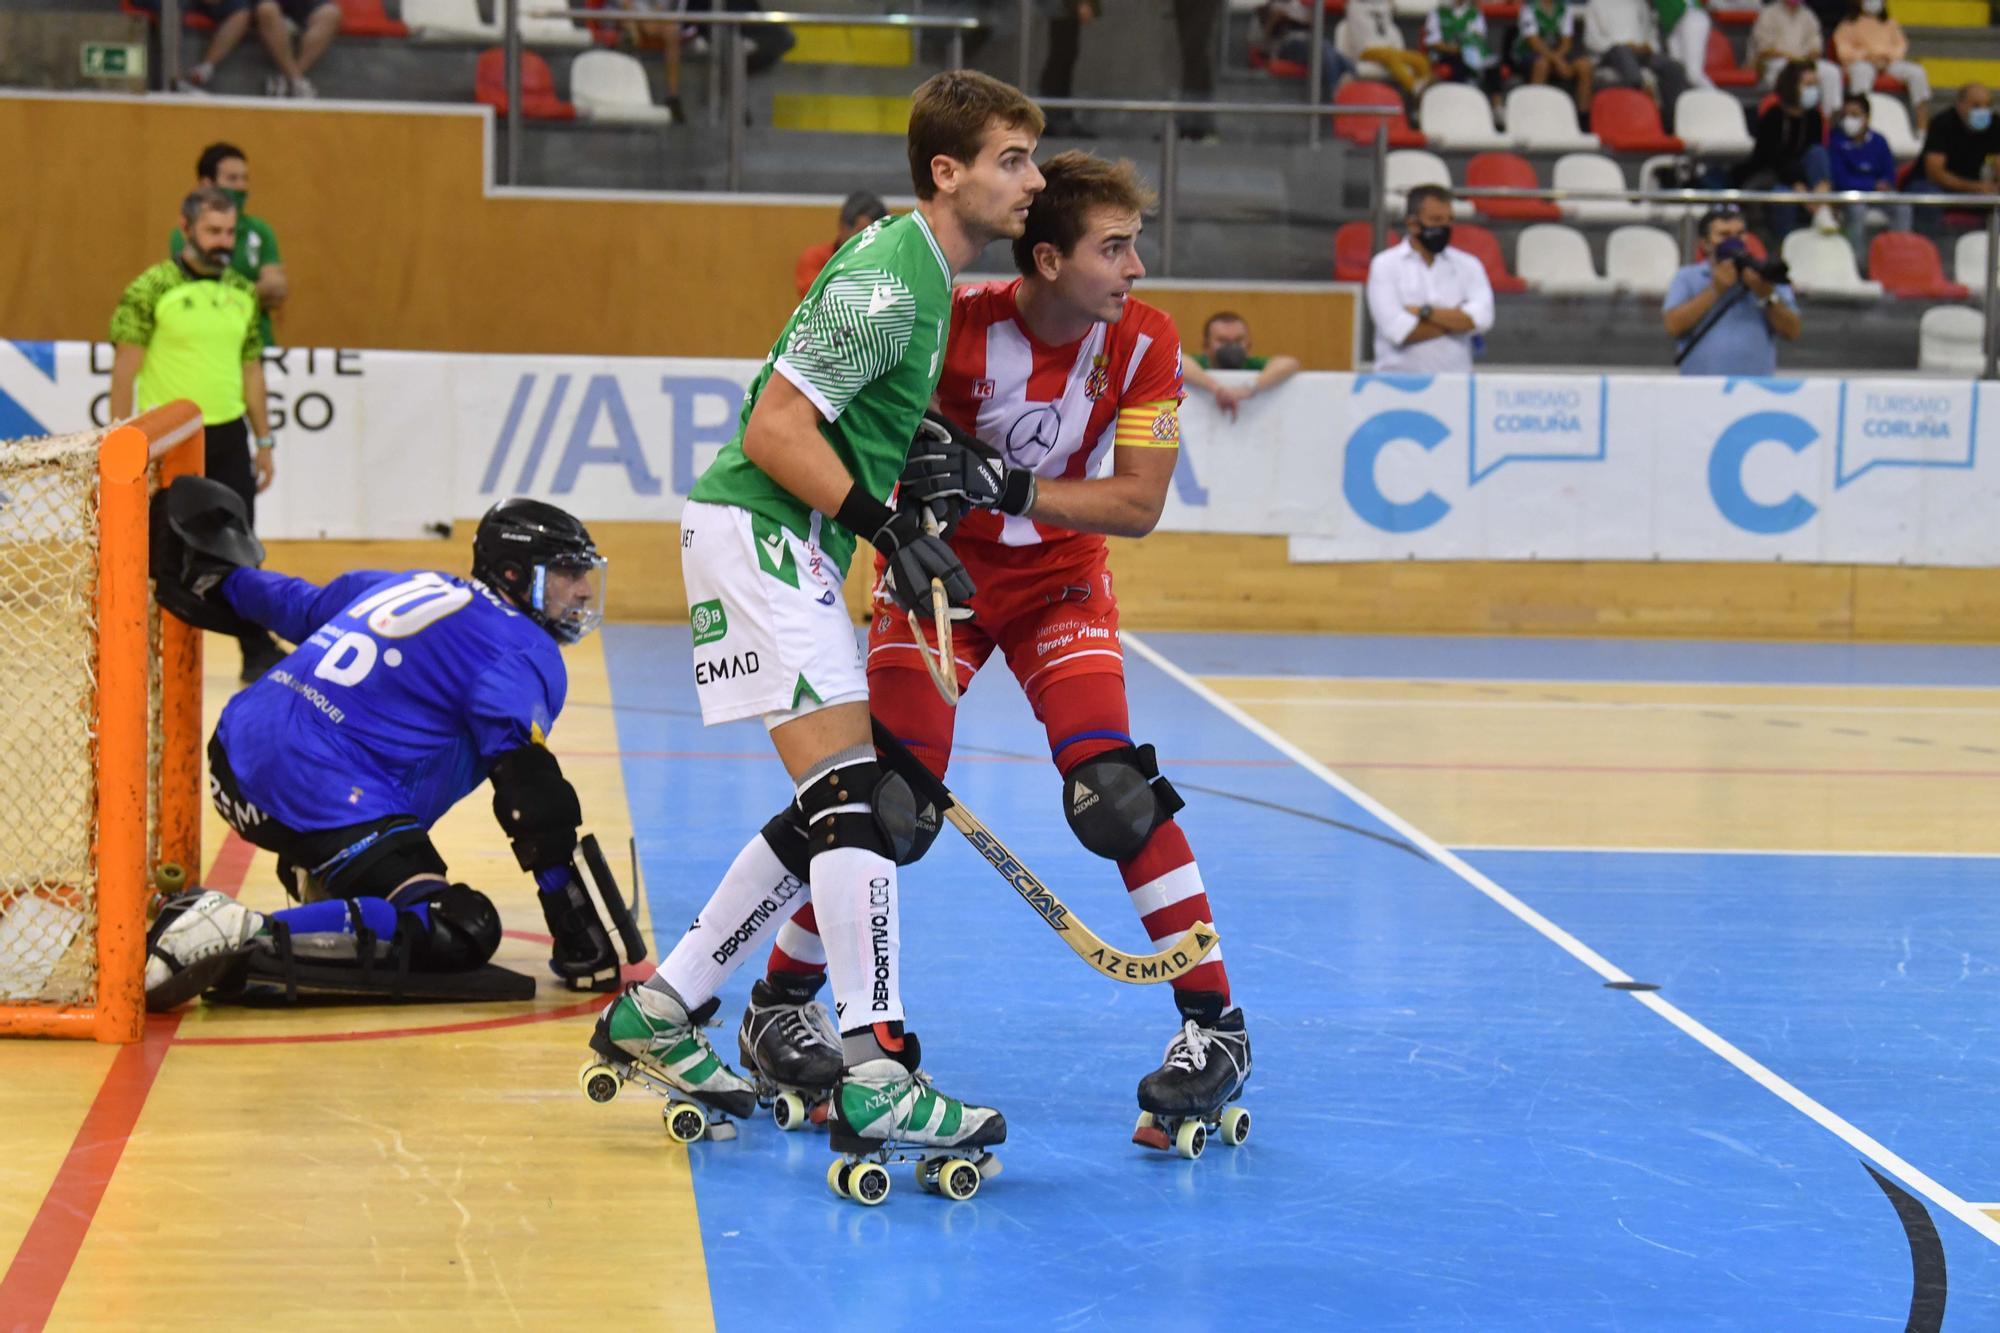 El Liceo le gana 3-1 al Girona